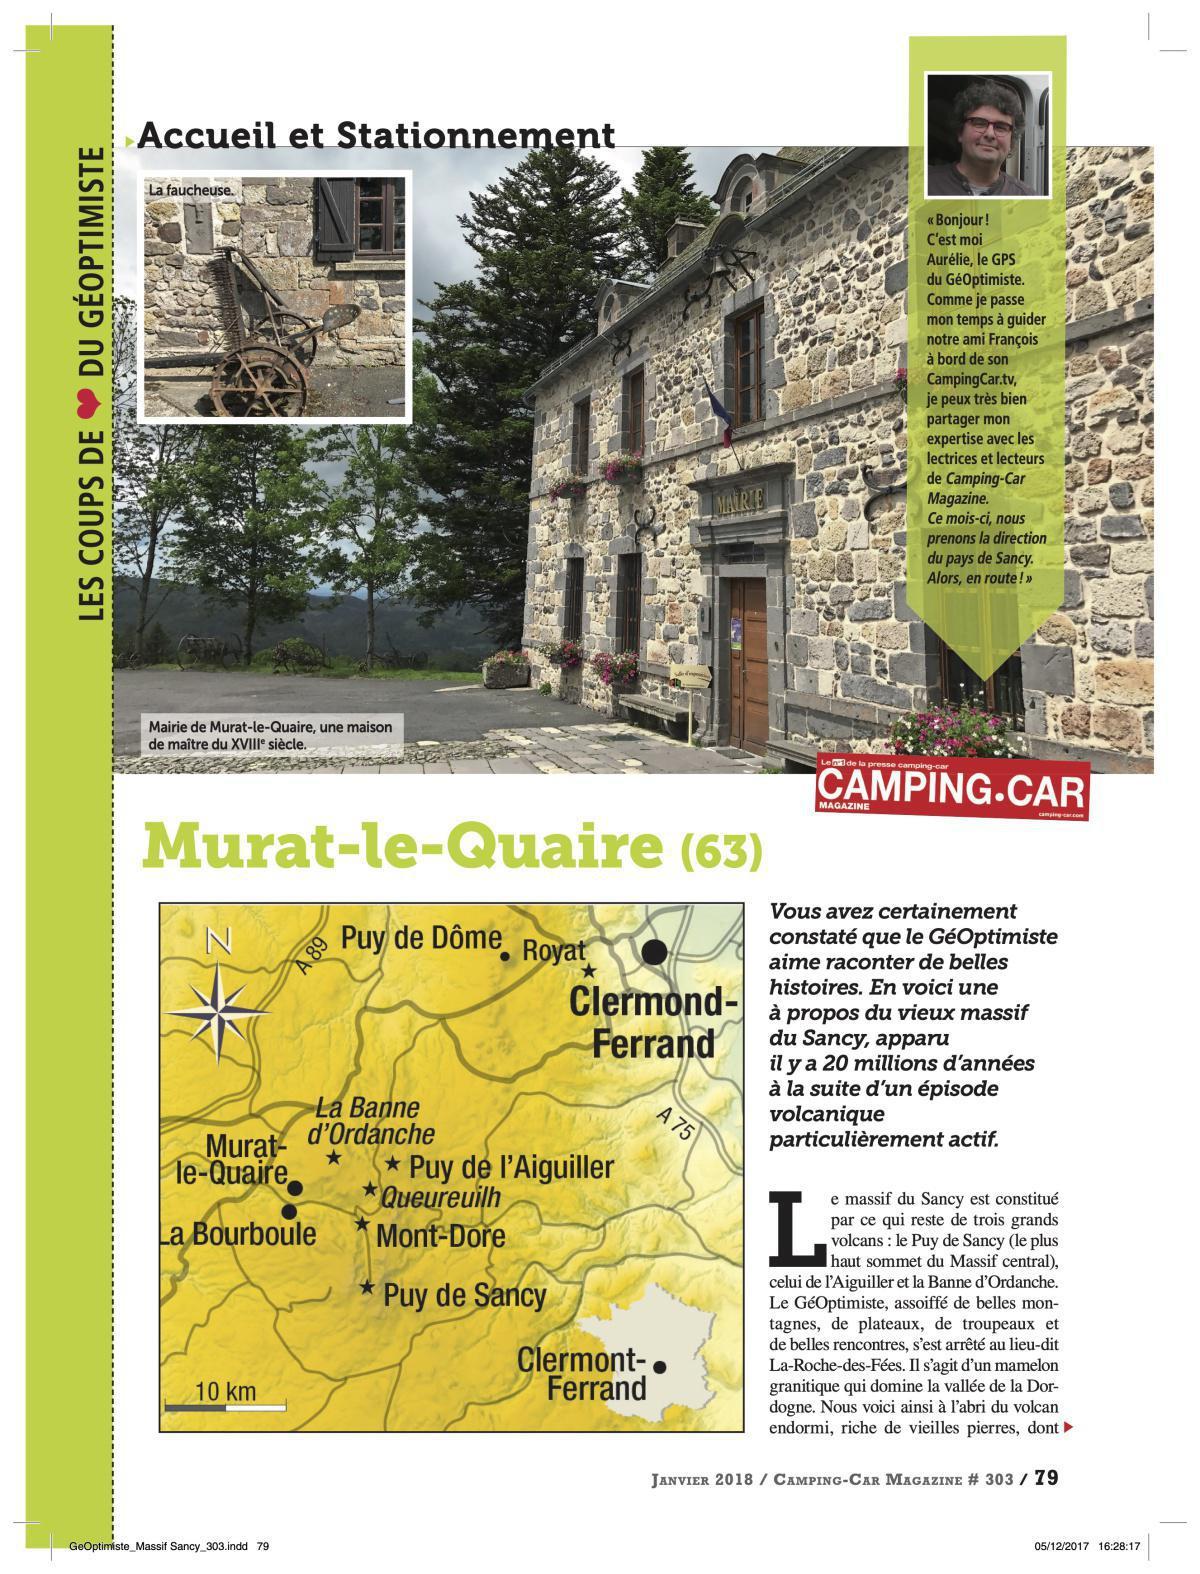 Autour de Murat-Le-Quaire - CCM 303